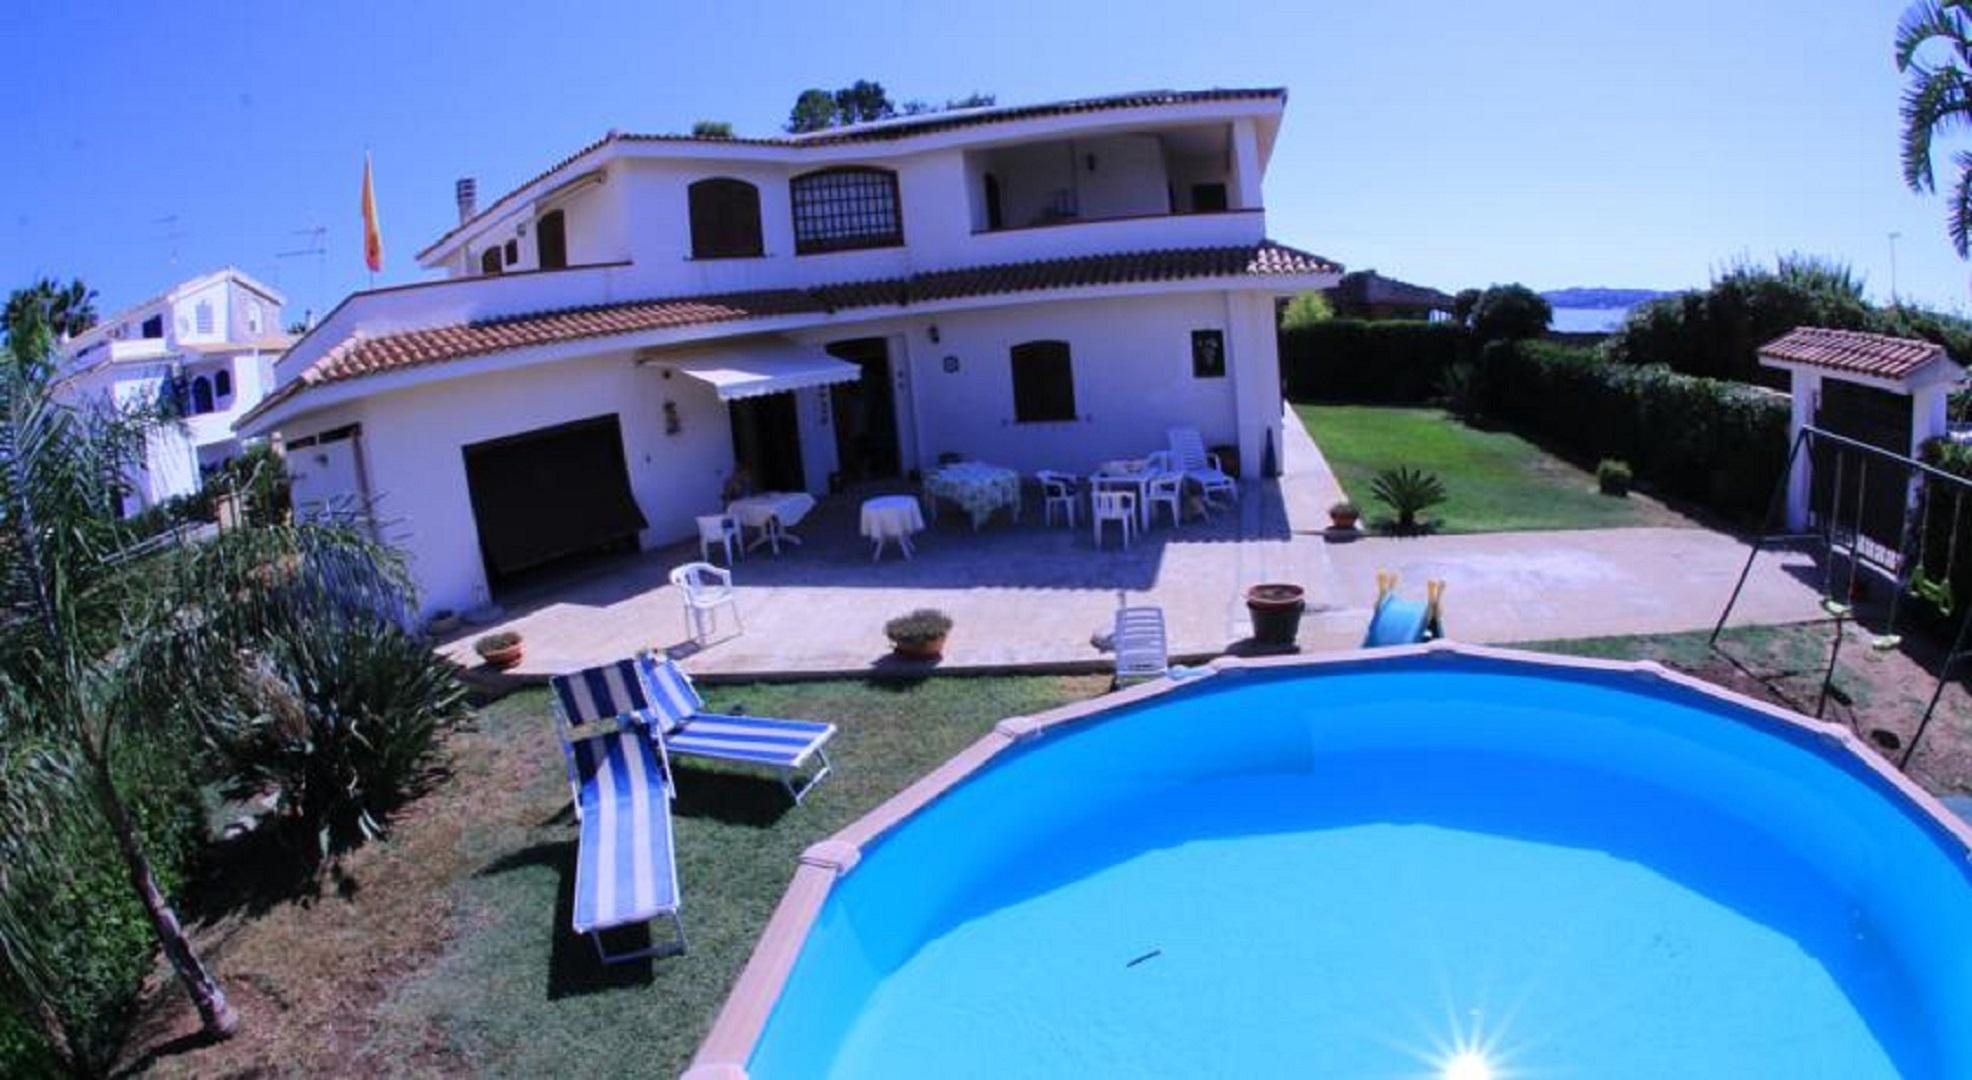 villa trinacria : syracuse : sicile baroque : sicile : avis hotel